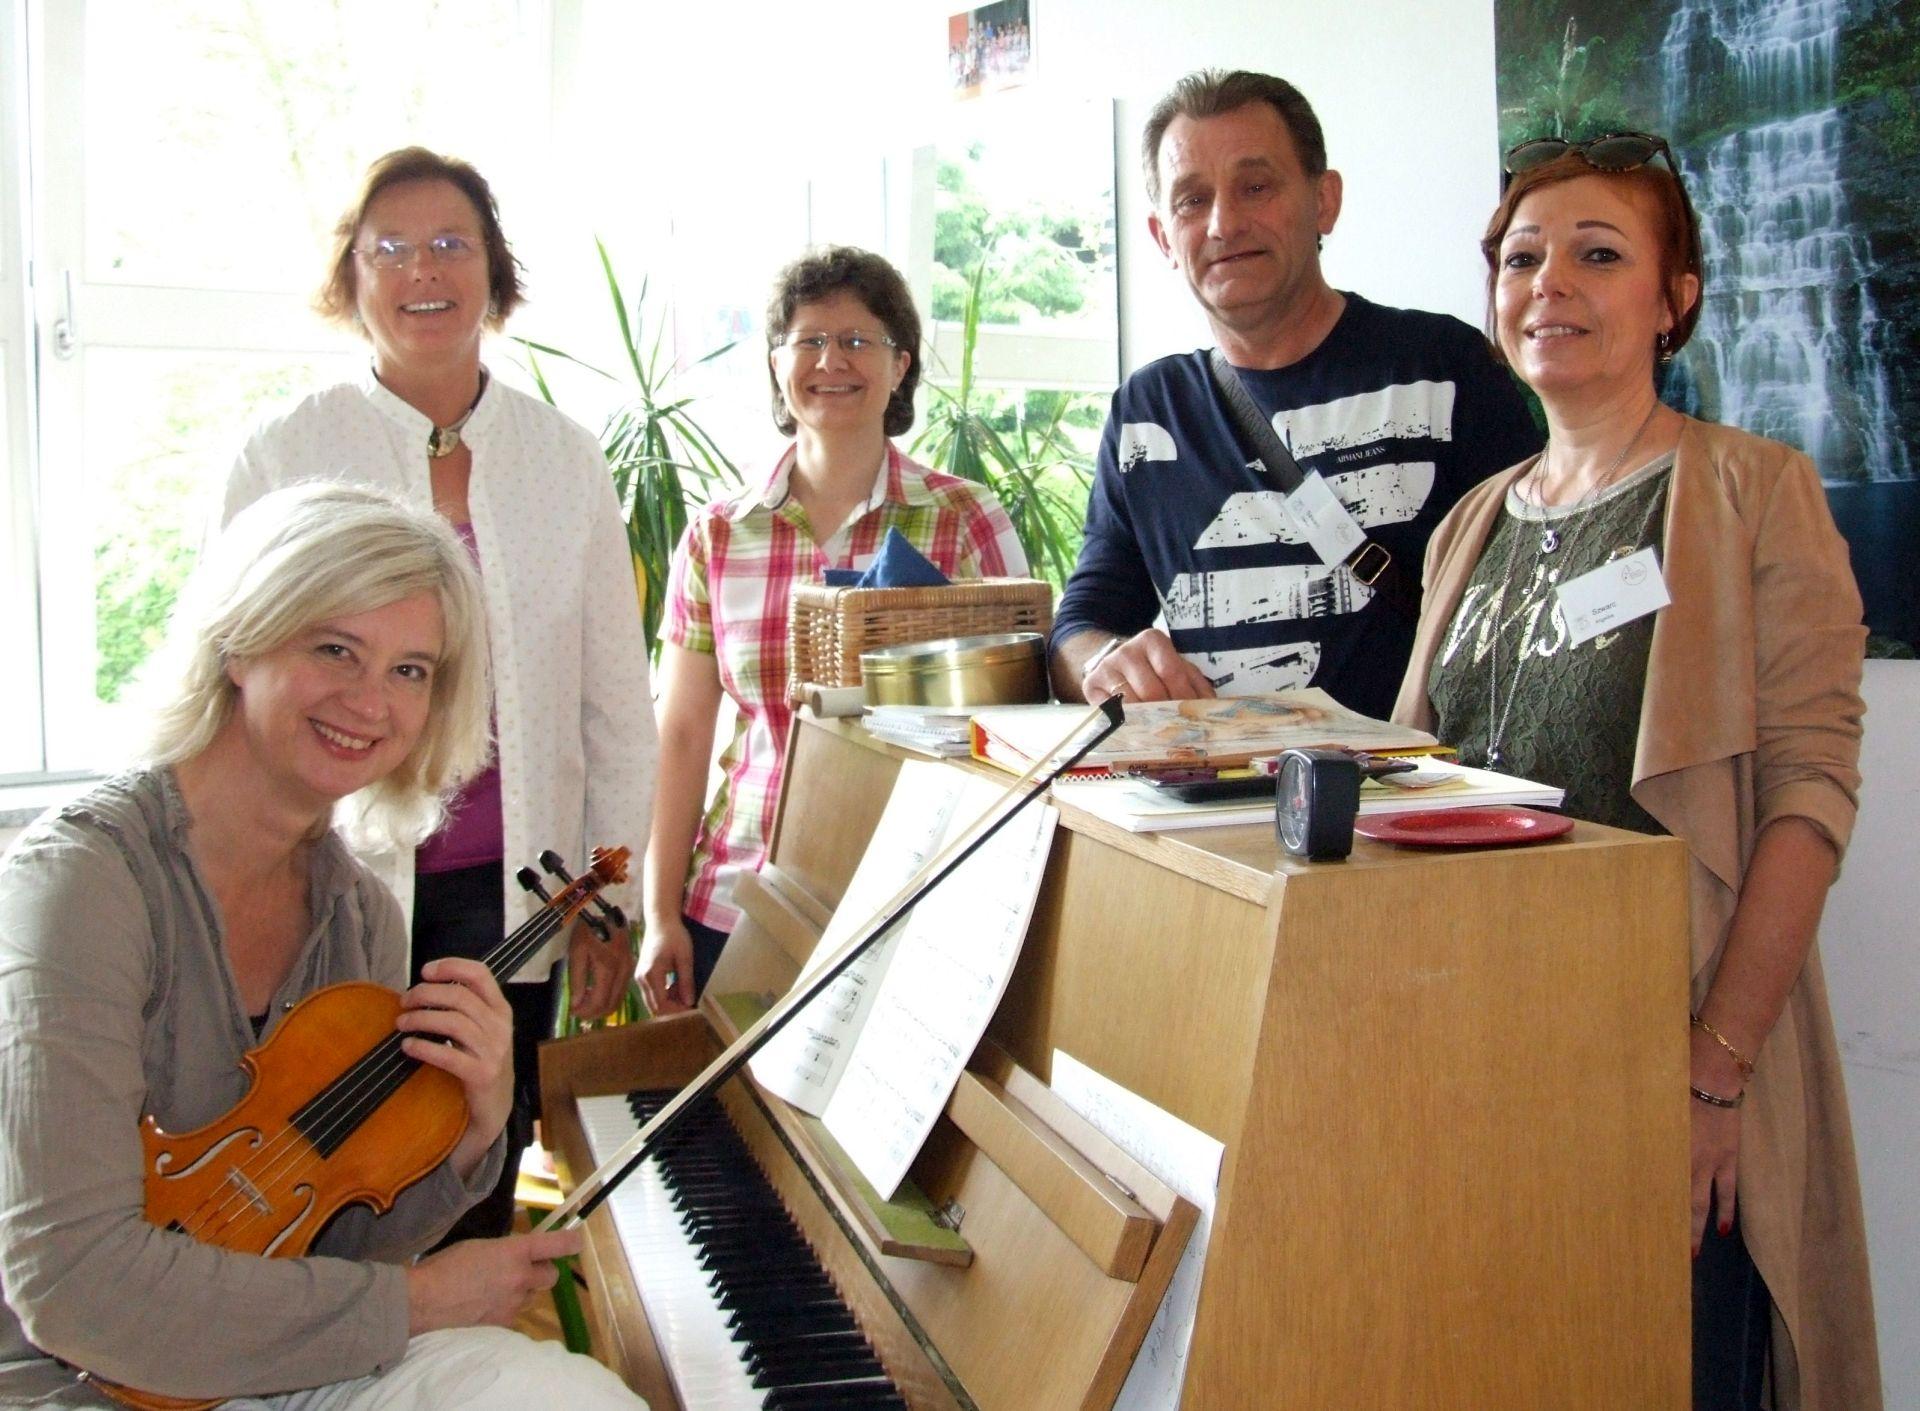 Interessierte konnten unsere Lehrkräfte kennenlernen. Von links: Issy Wanner, Susanne Weis, Stefanie Saule, Dariusz und Angelika Szwarc